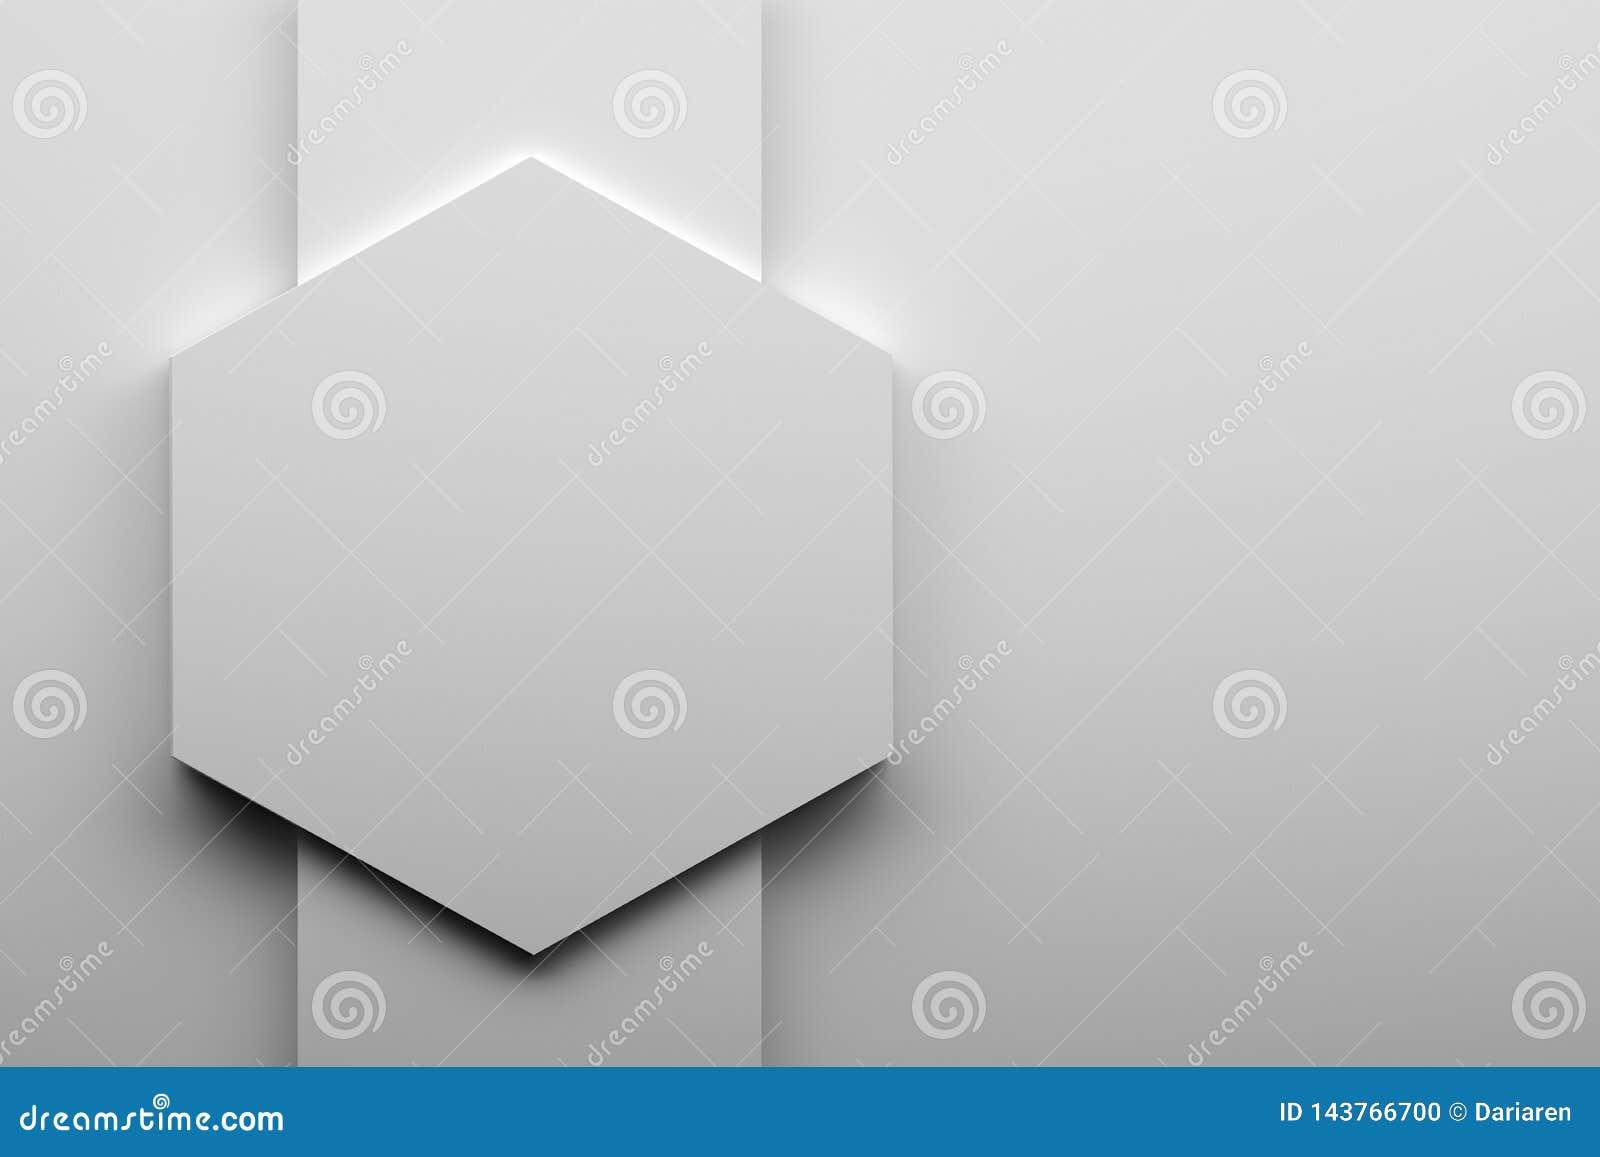 Grand hexagone blanc